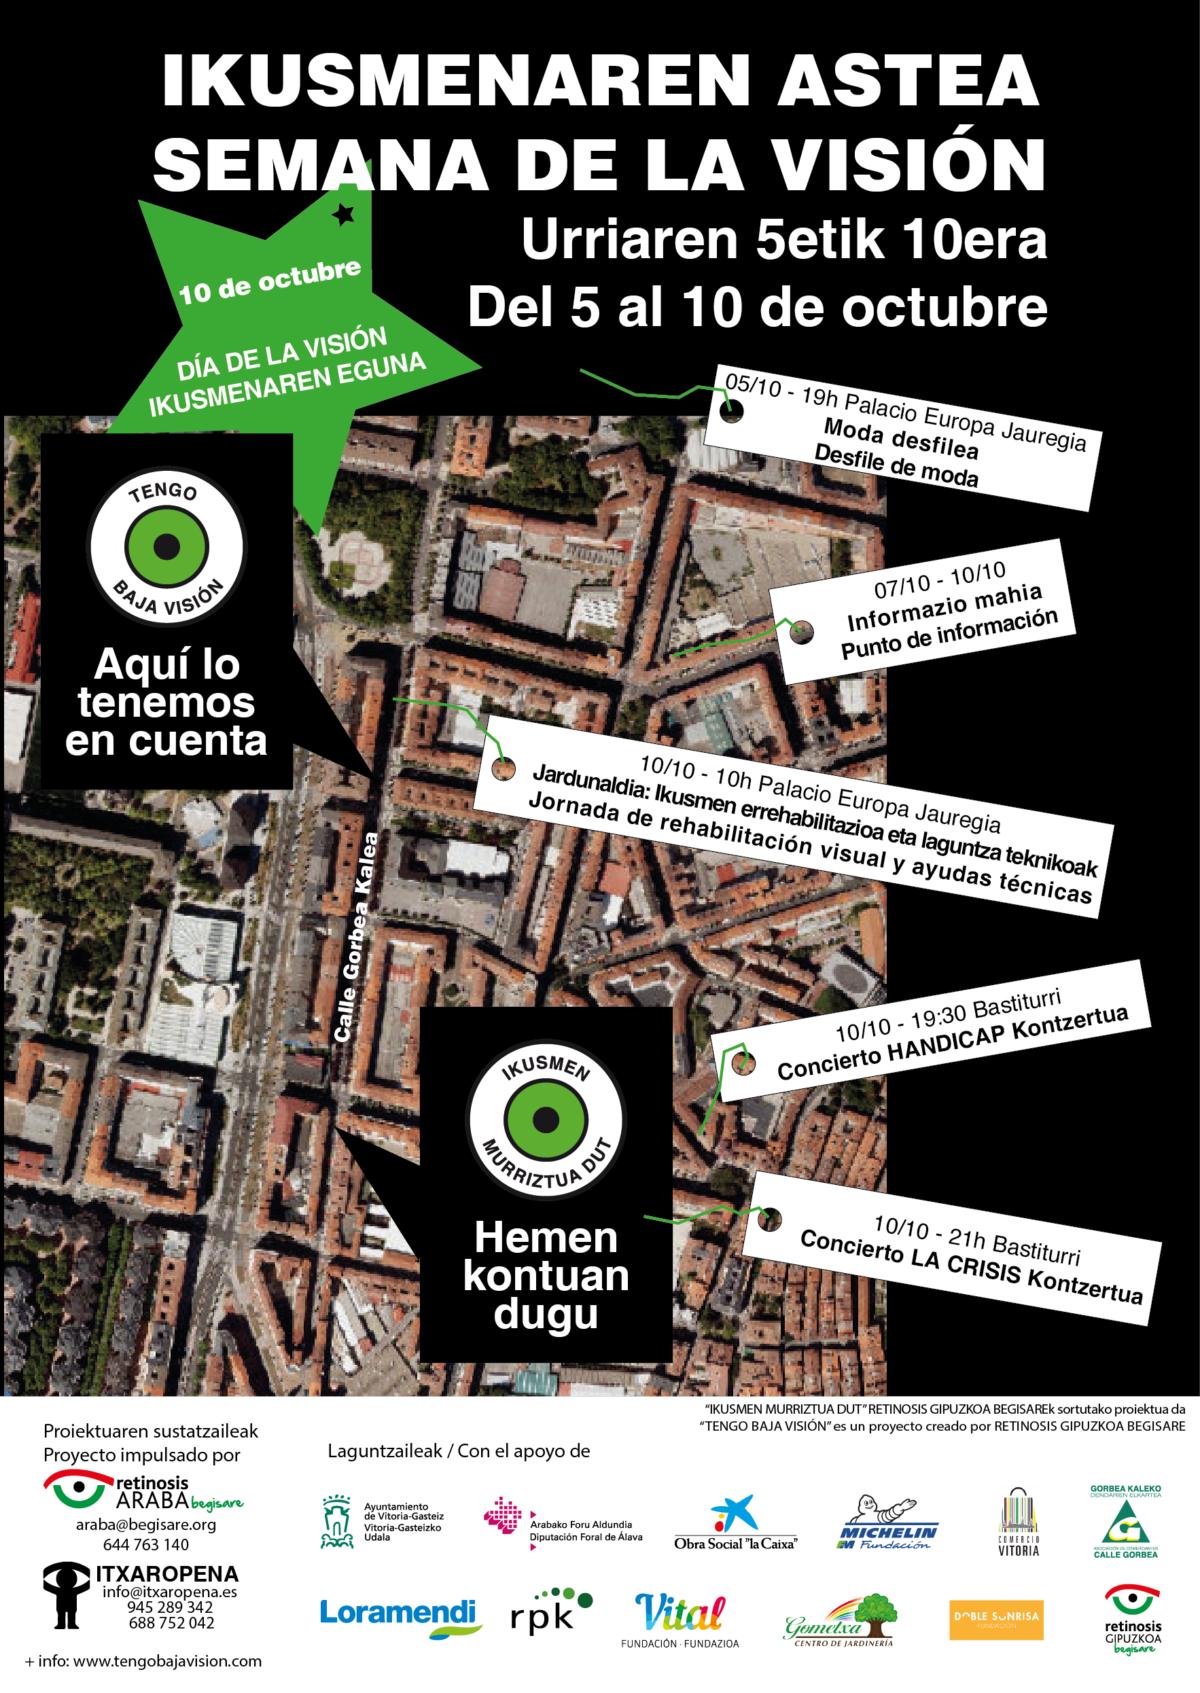 Semana de la Visión en Vitoria-Gasteiz